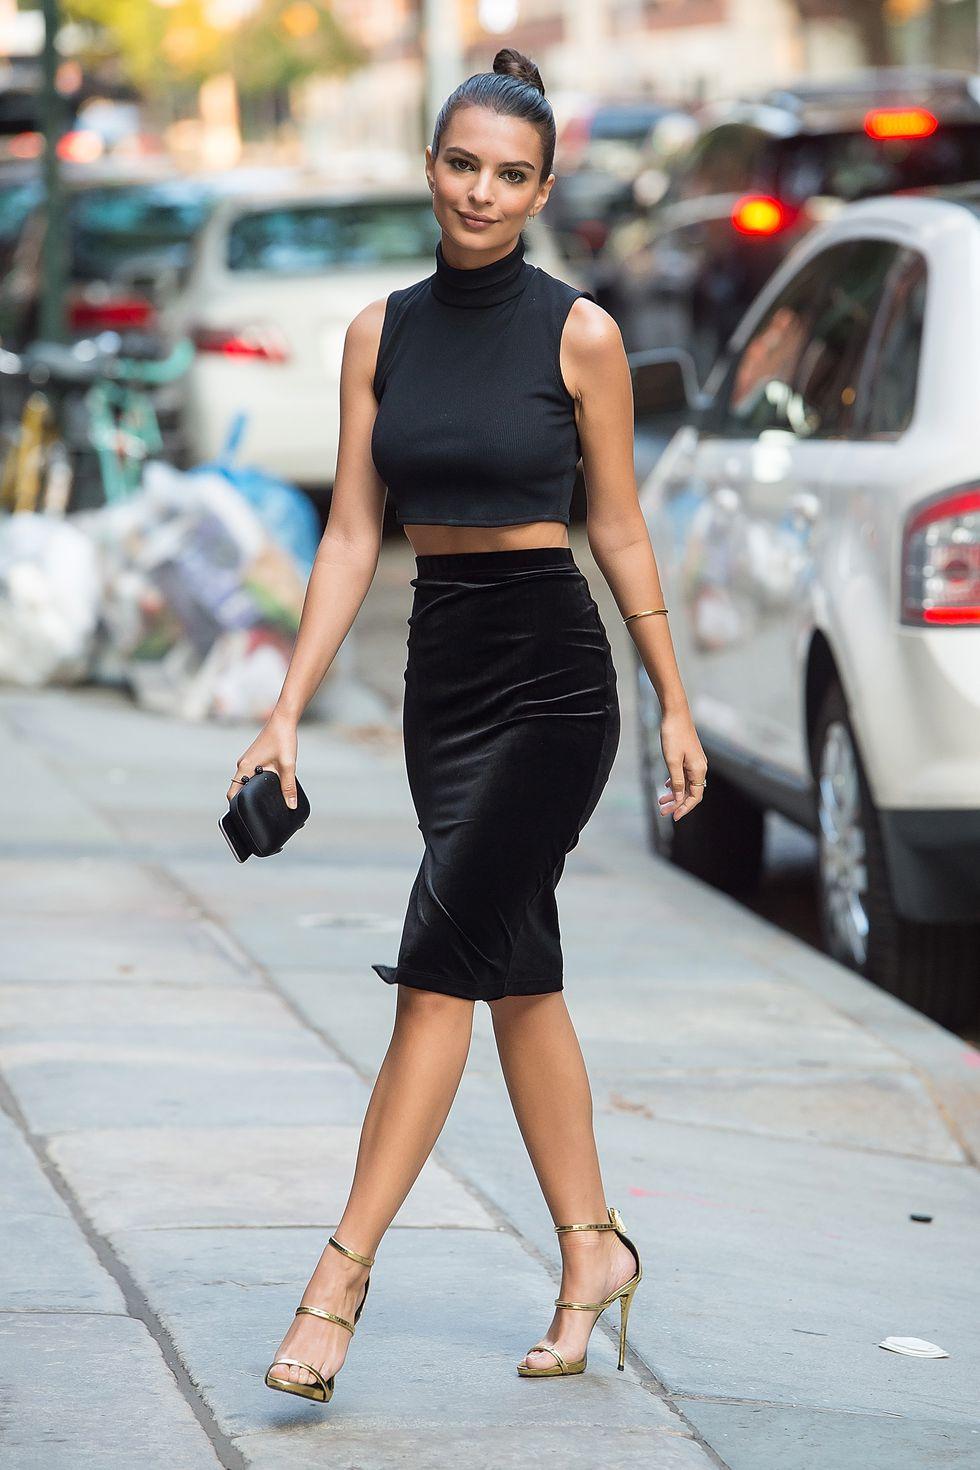 やっぱりヒールが履きたい!人気ブランドの華奢でレディライクなヒール特集